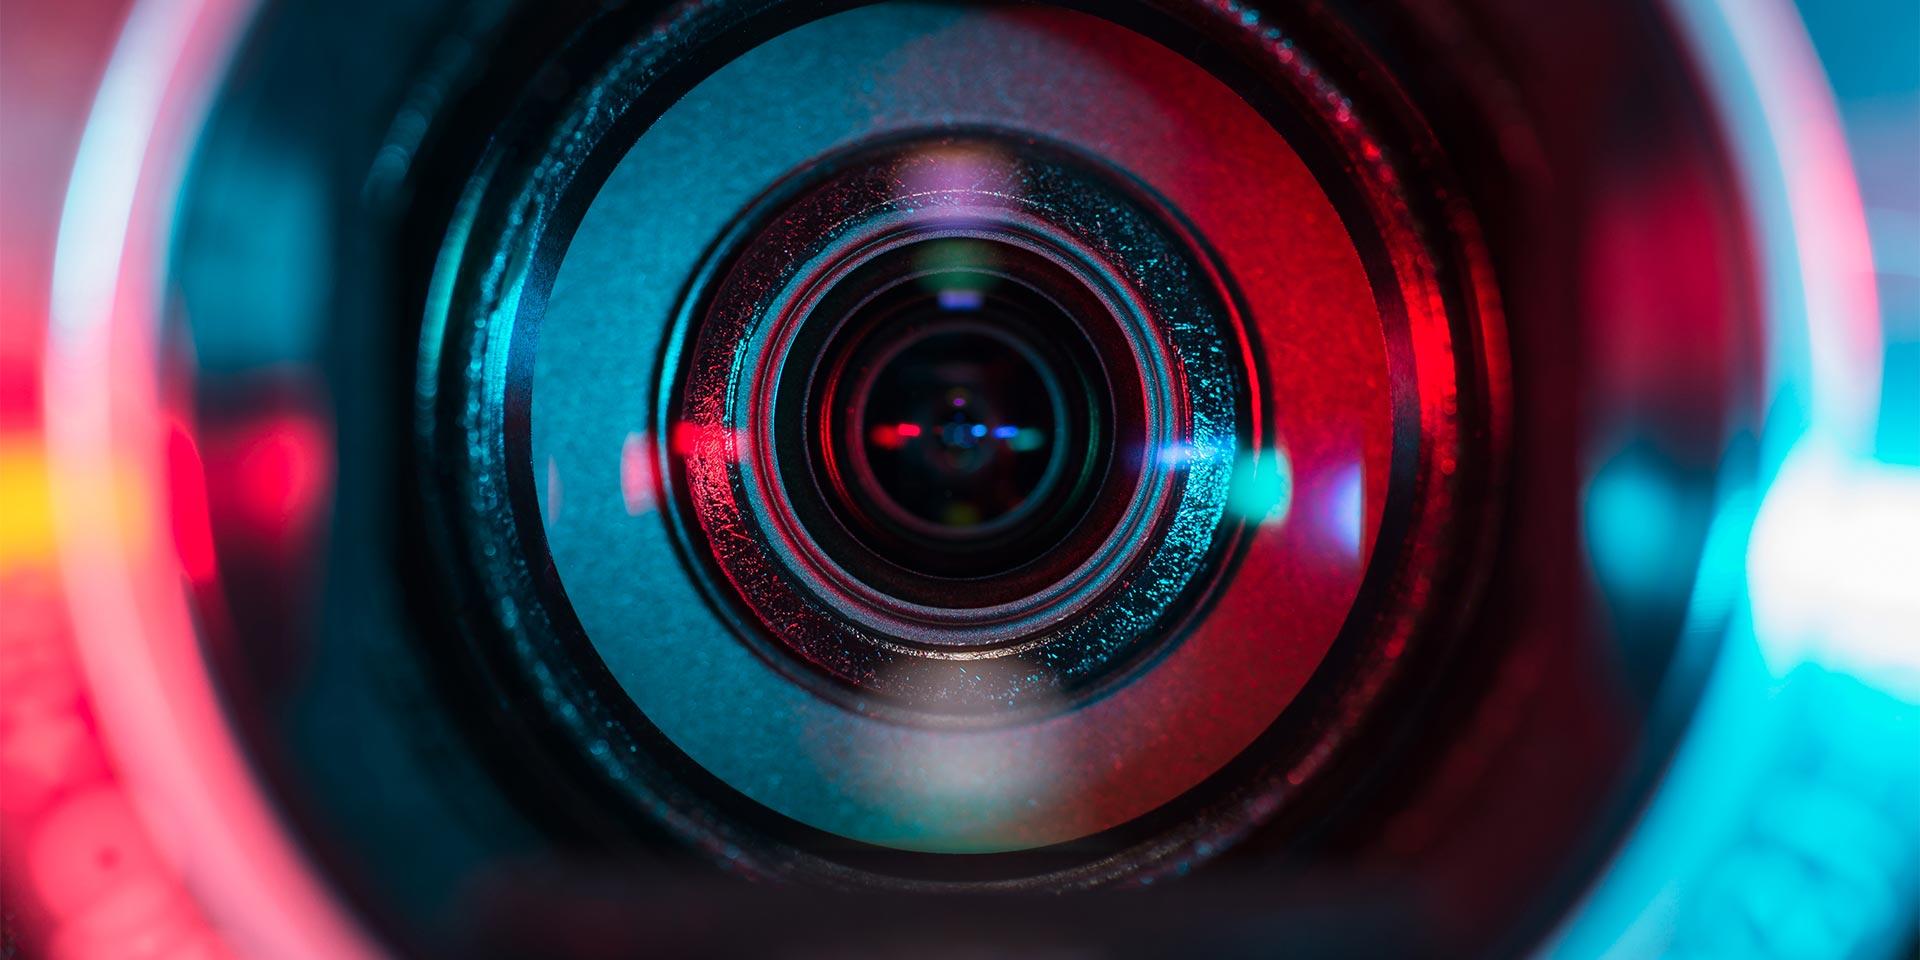 Nahaufnahme einer Kameralinse